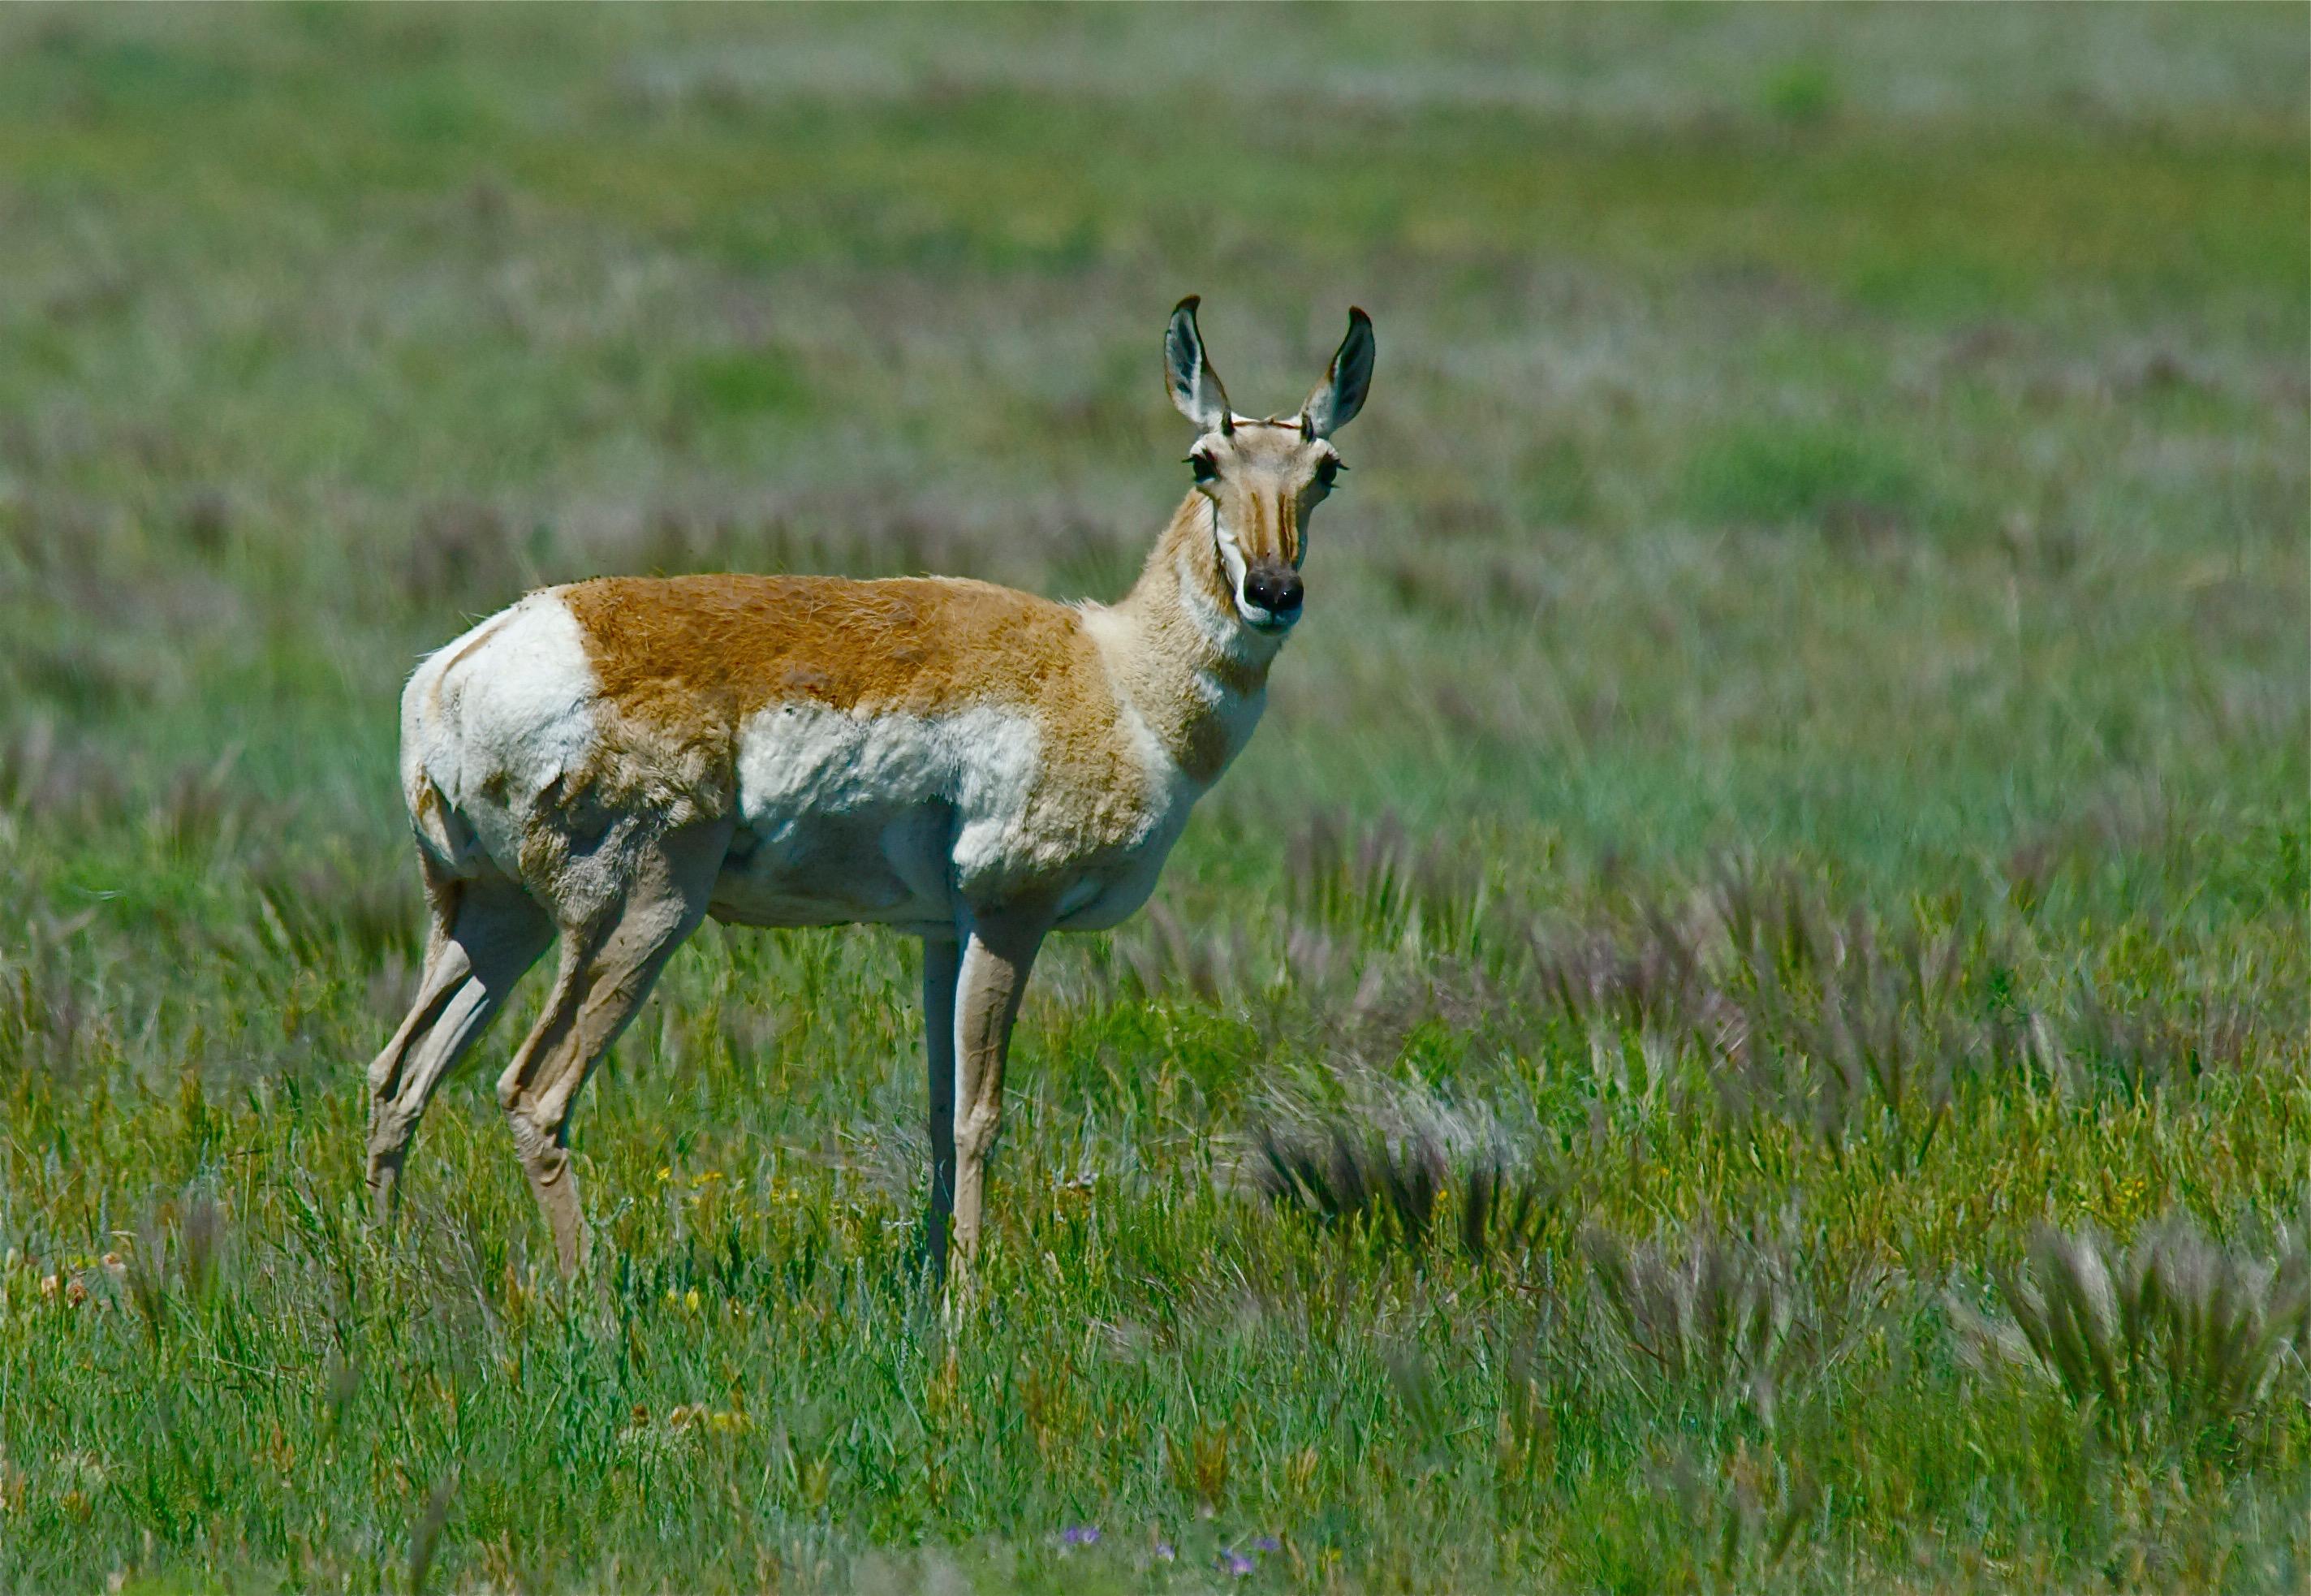 Pronghorn Antelope ♀